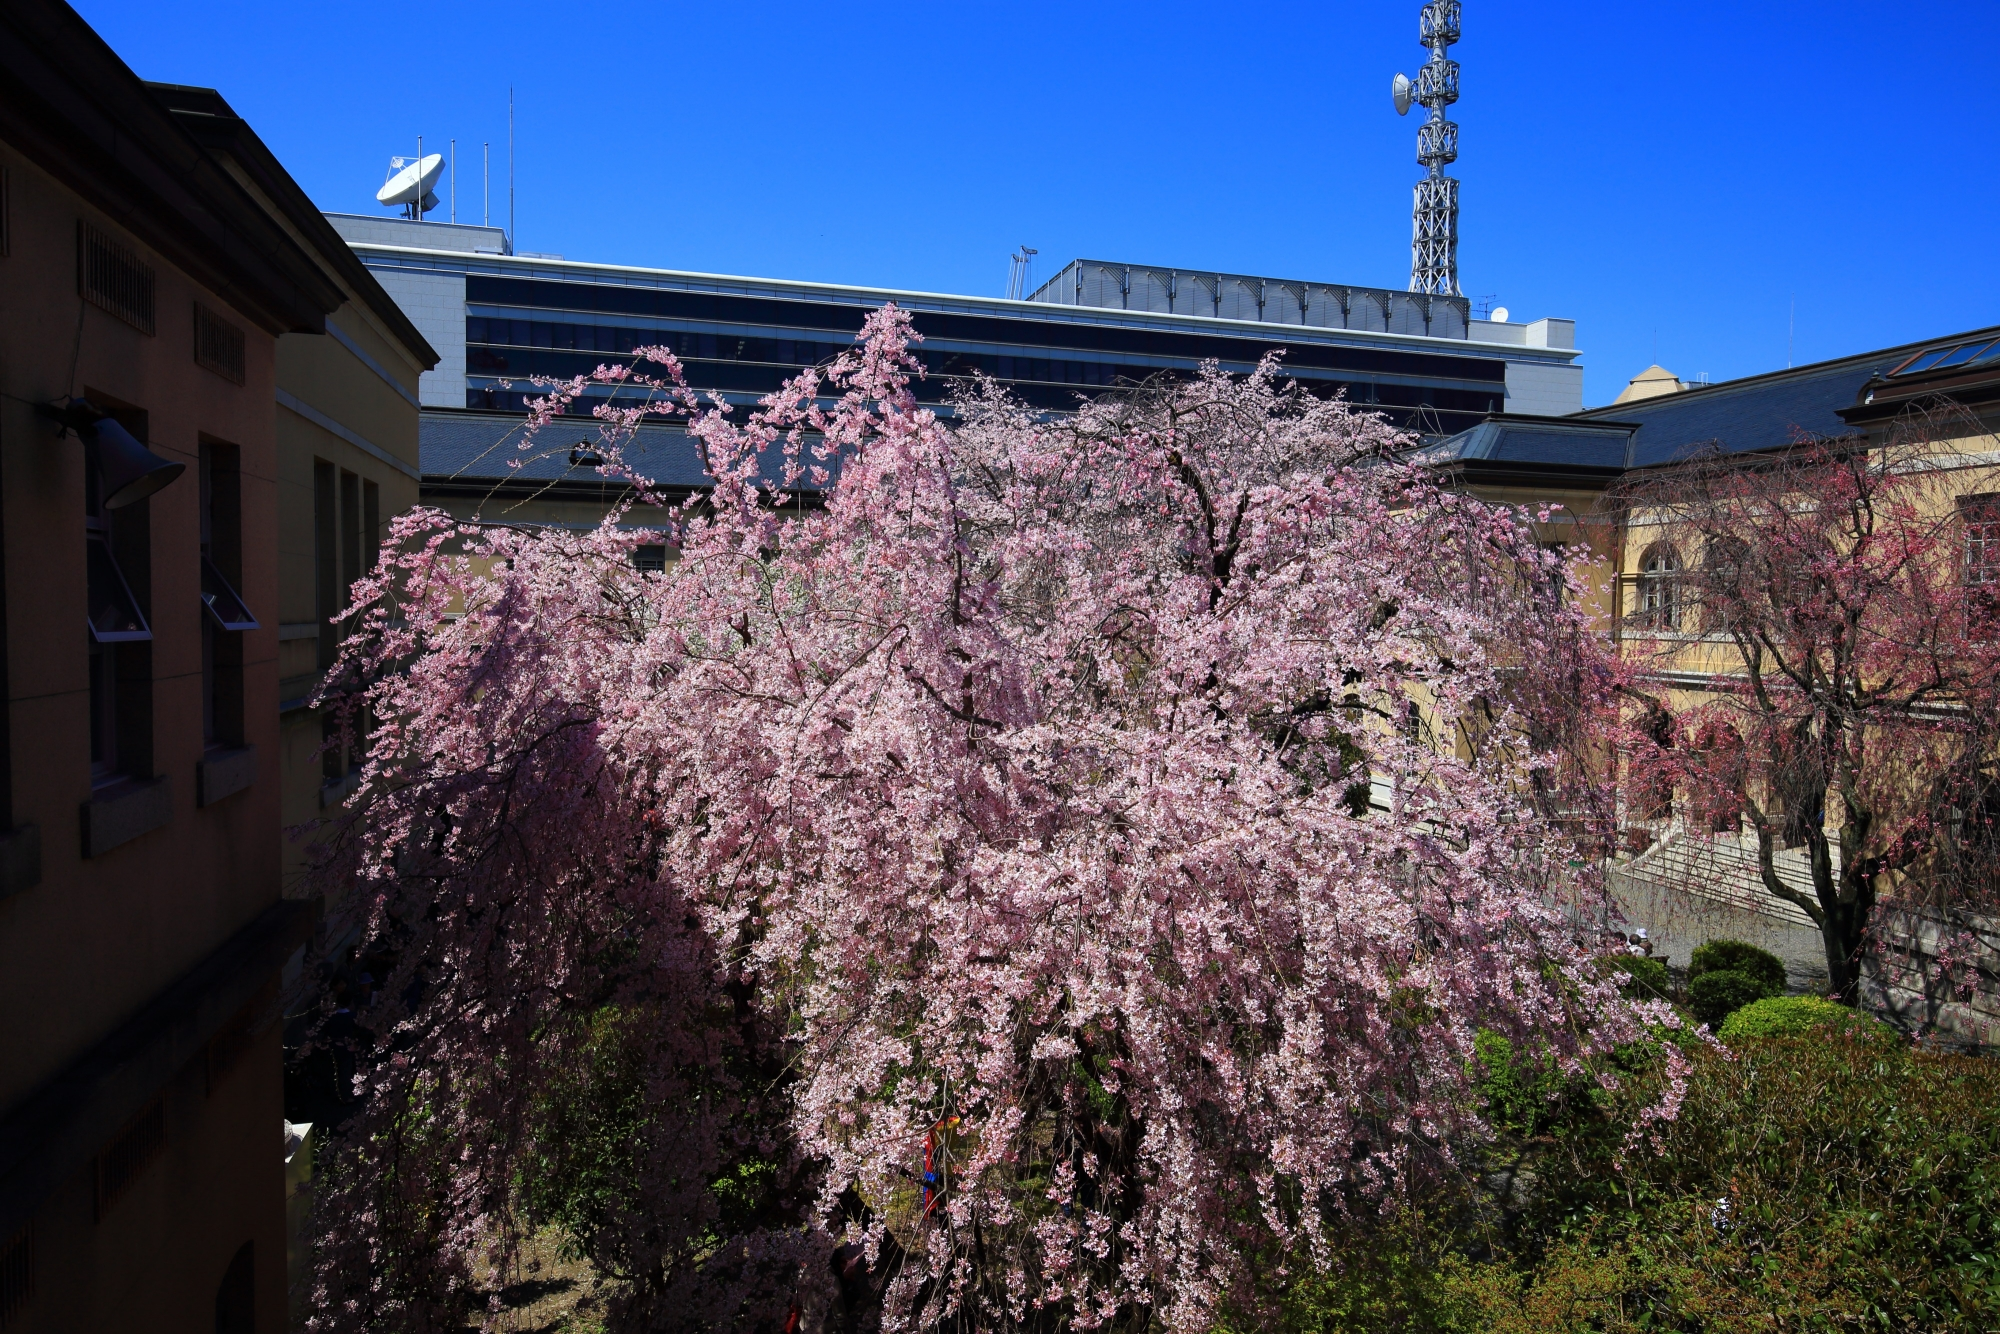 近代建築に囲まれた溢れ出すピンクのしだれ桜